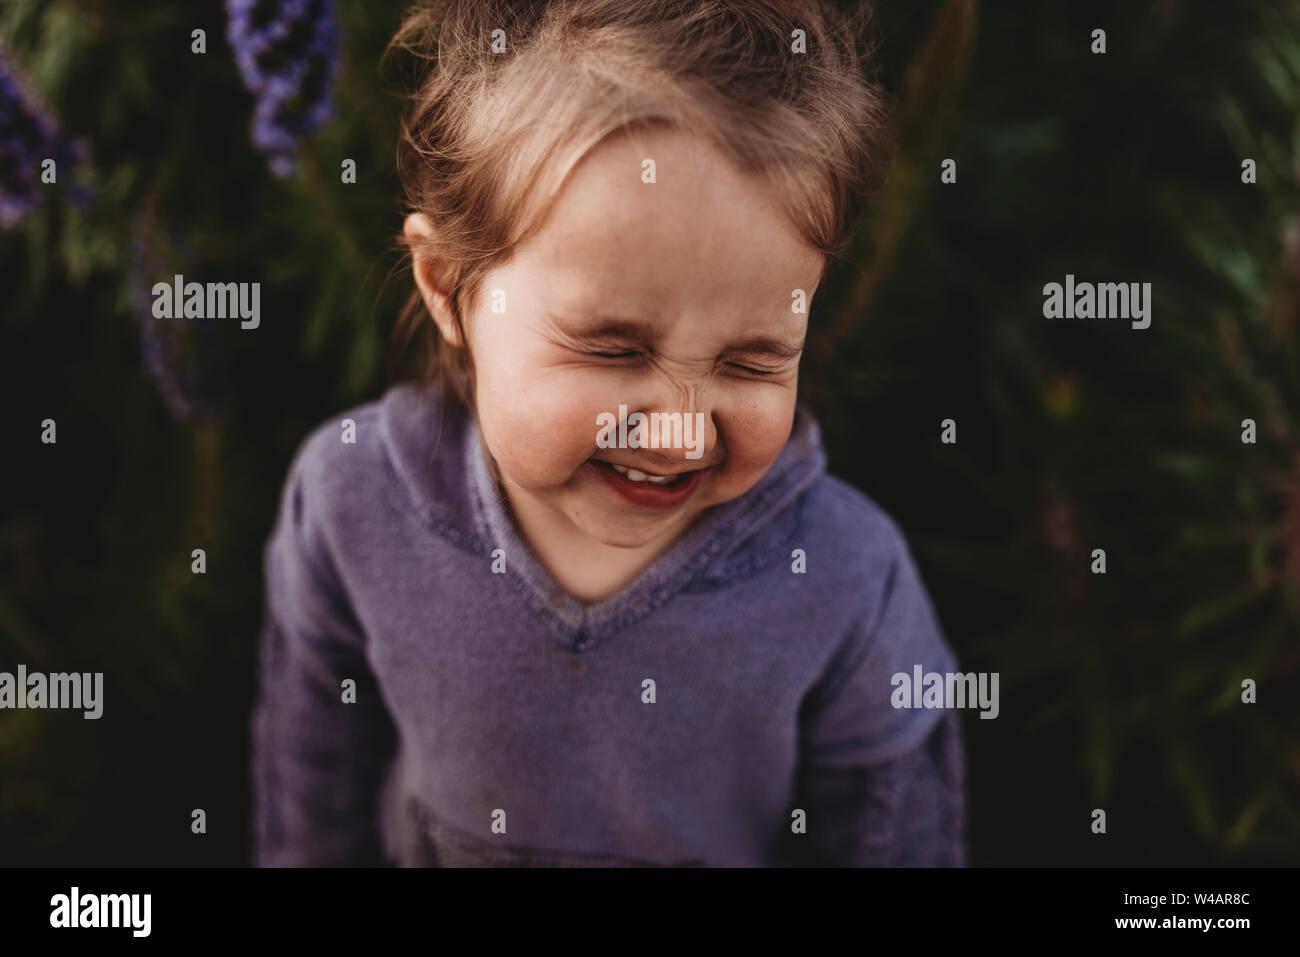 Close up portrait of little girl nez scrunching et rire Banque D'Images